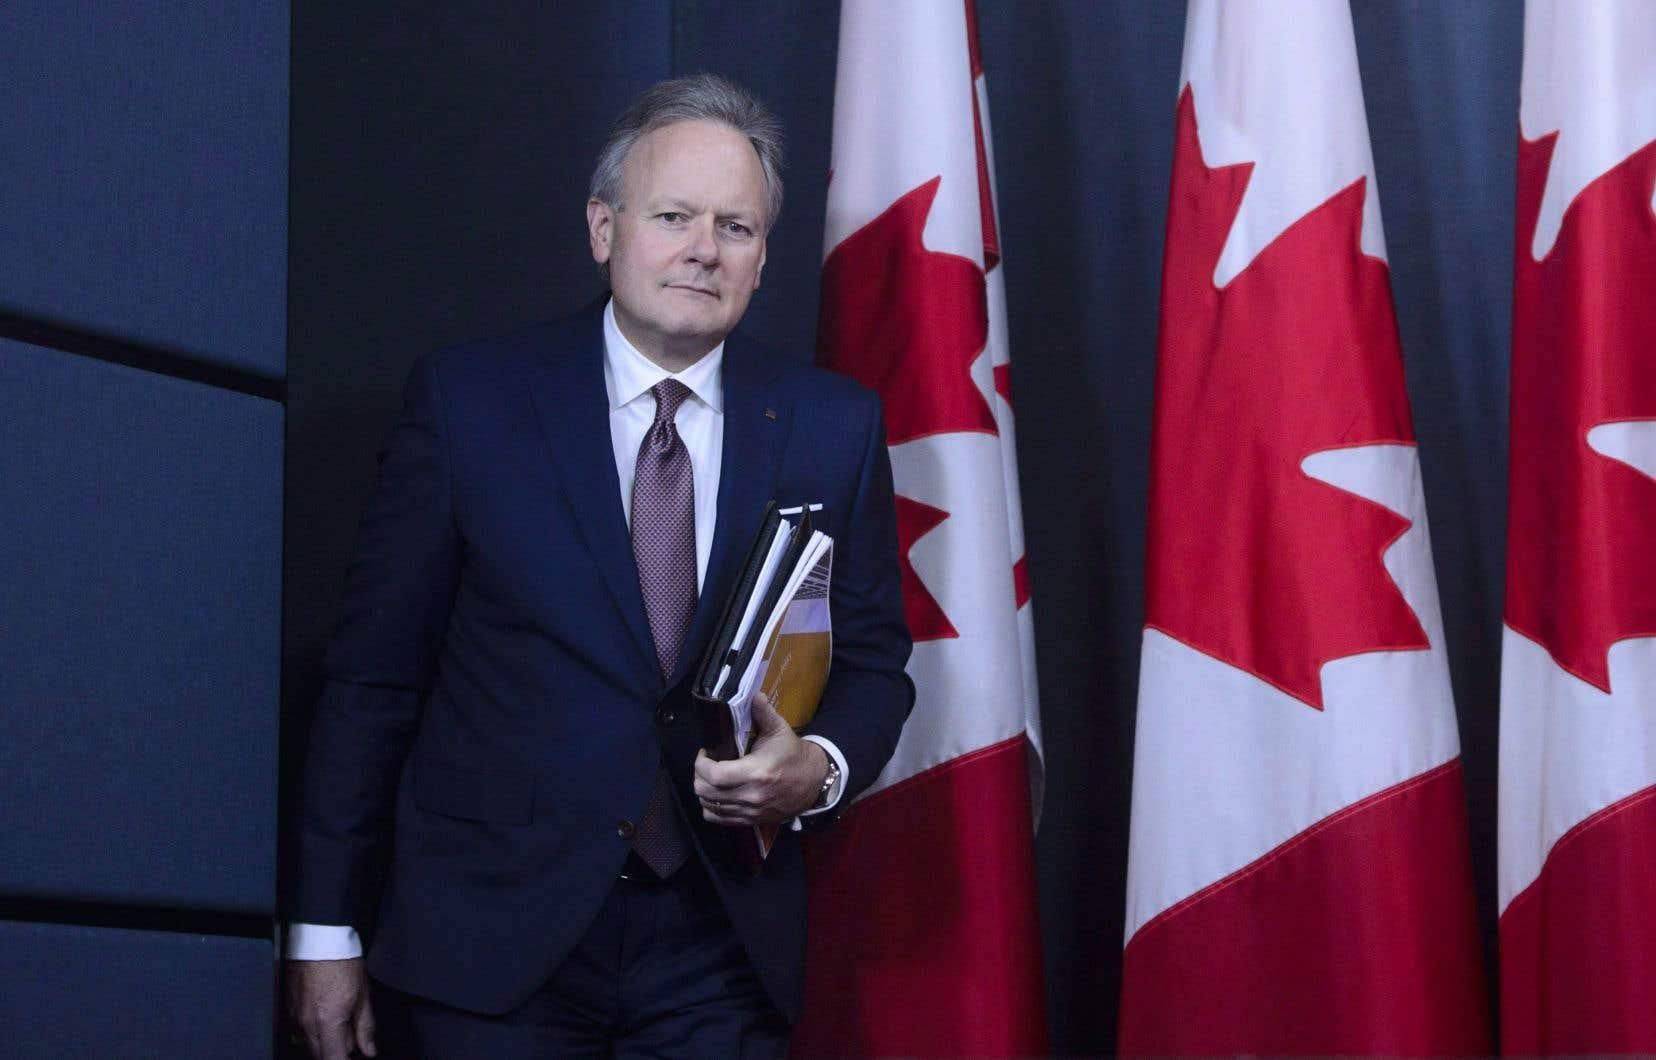 Le gouverneur de la Banque du Canada, Stephen Poloz, a décidé de ne pas solliciter de second mandat à l'échéance de celui de sept ans qu'il a entrepris en 2013 et qui doit prendre fin le 2 juin prochain.